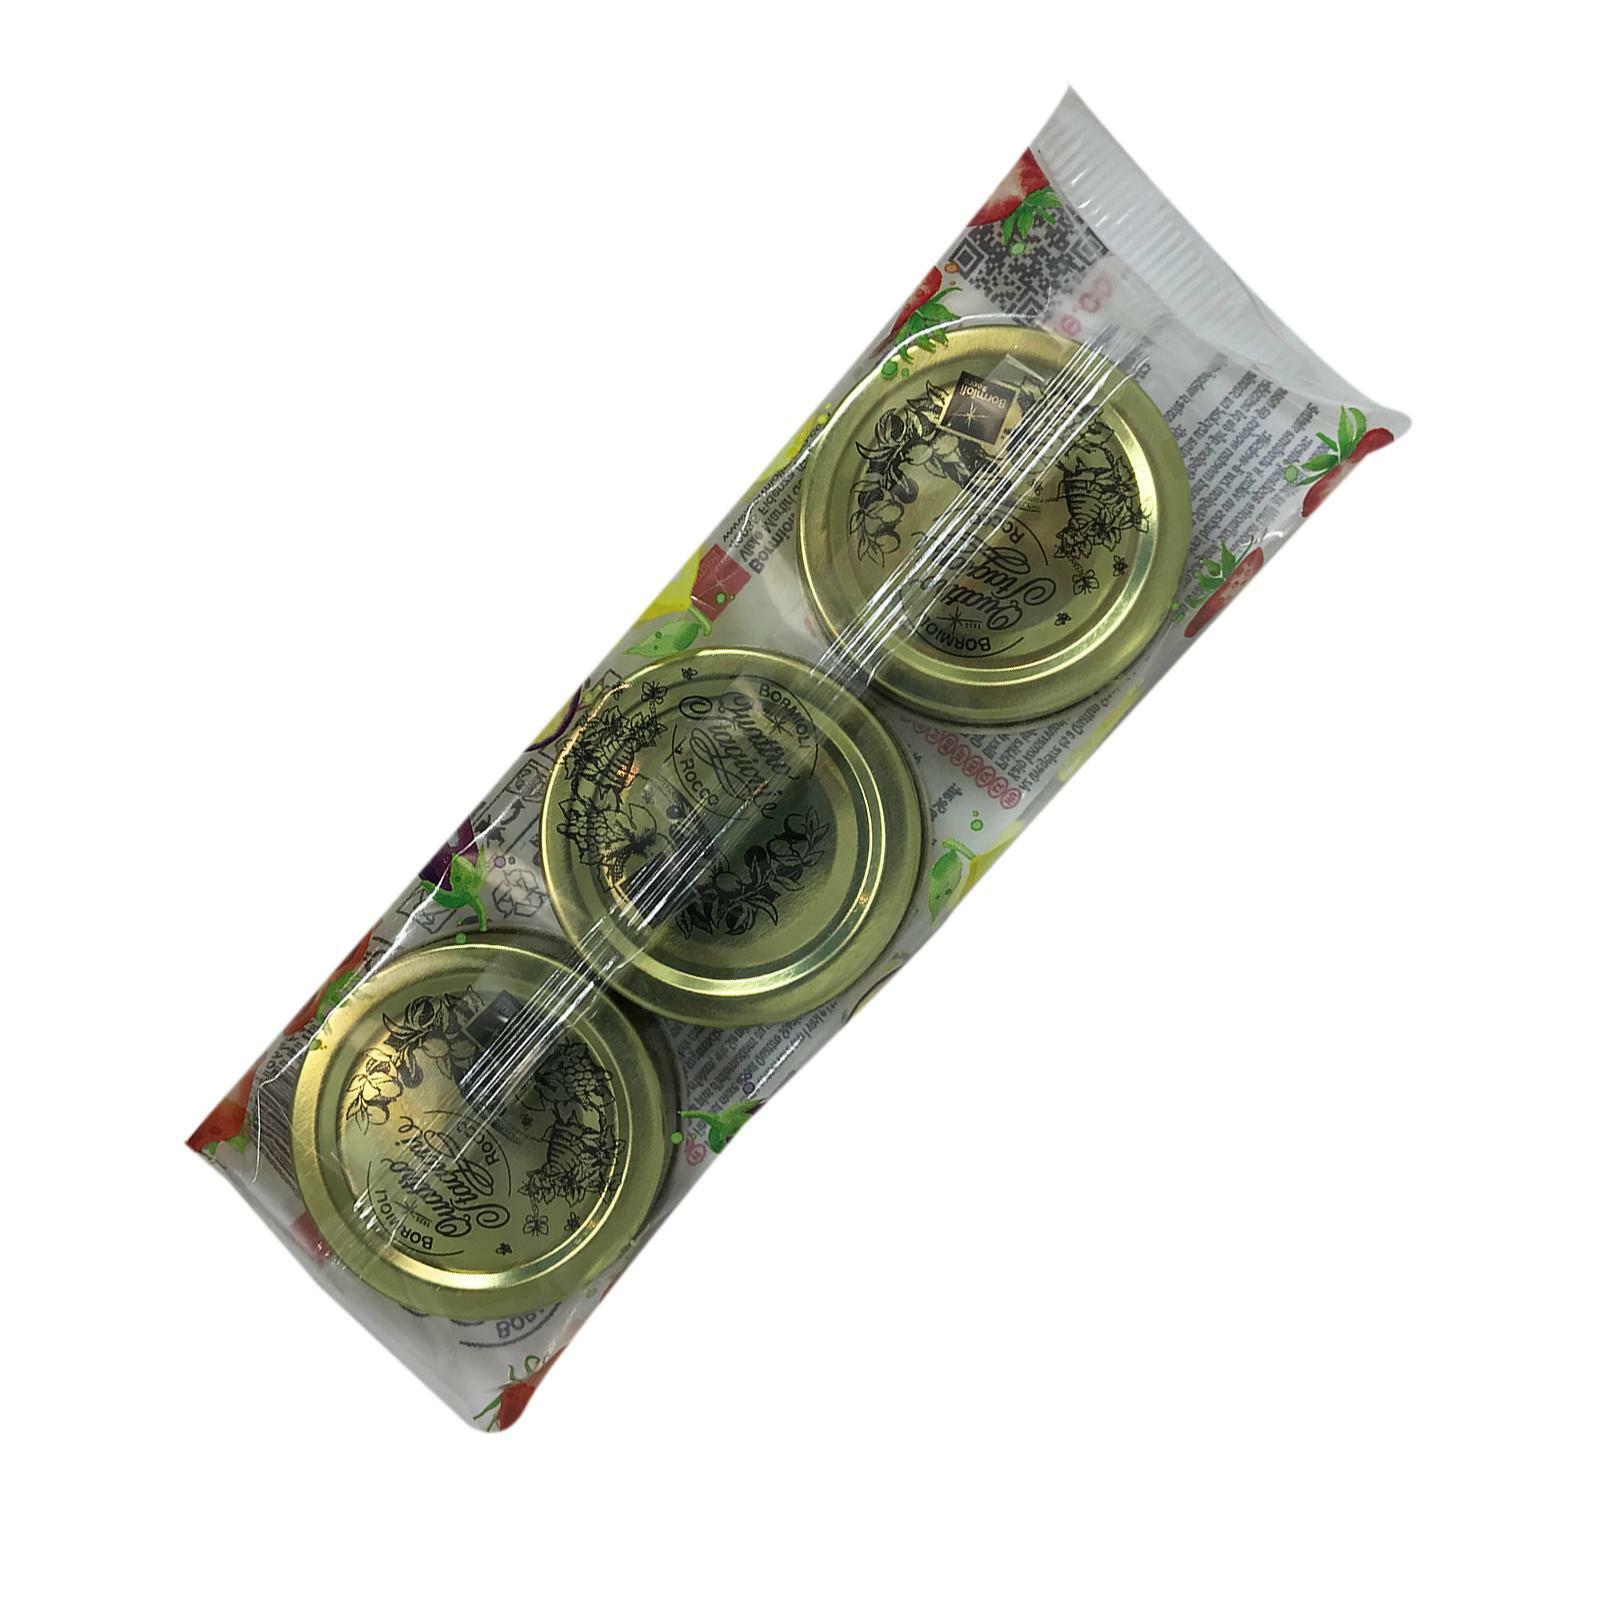 bierrestore tappi vasetti 56mm quattro stagioni in vetro bormioli 12 pz